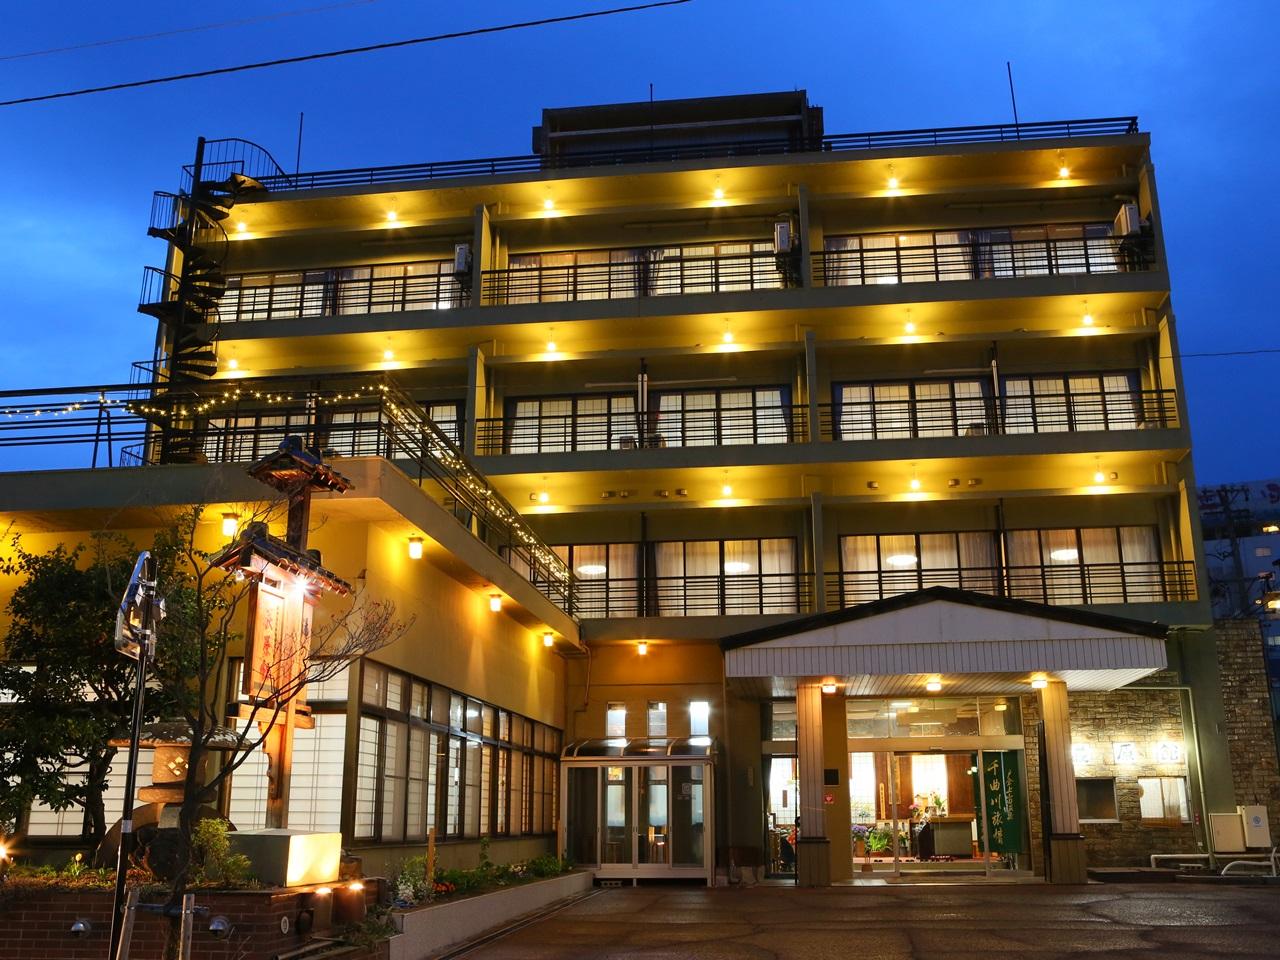 親と戸倉上山田温泉に行きます。日頃の疲れを癒すためにマッサージの受けれる宿を教えてください。